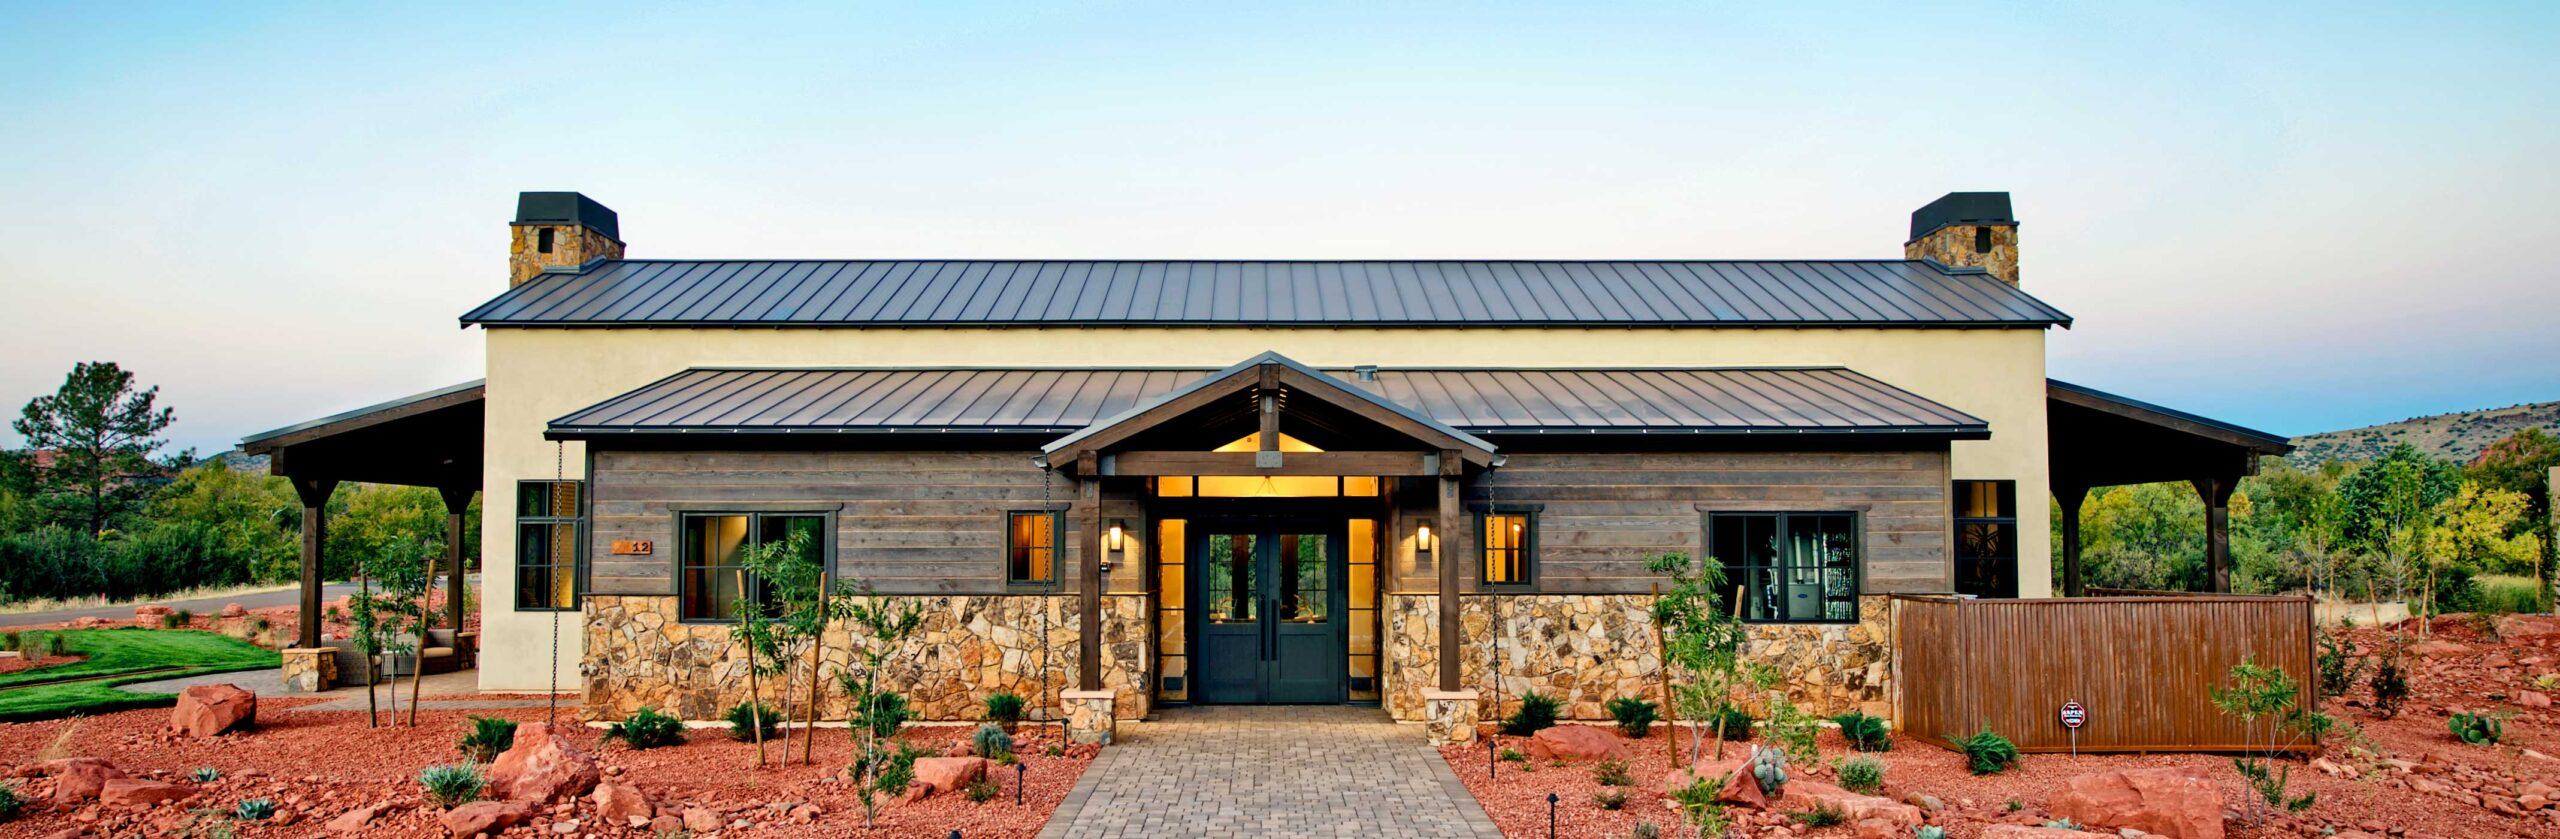 Ranch House at Sedona Ranch